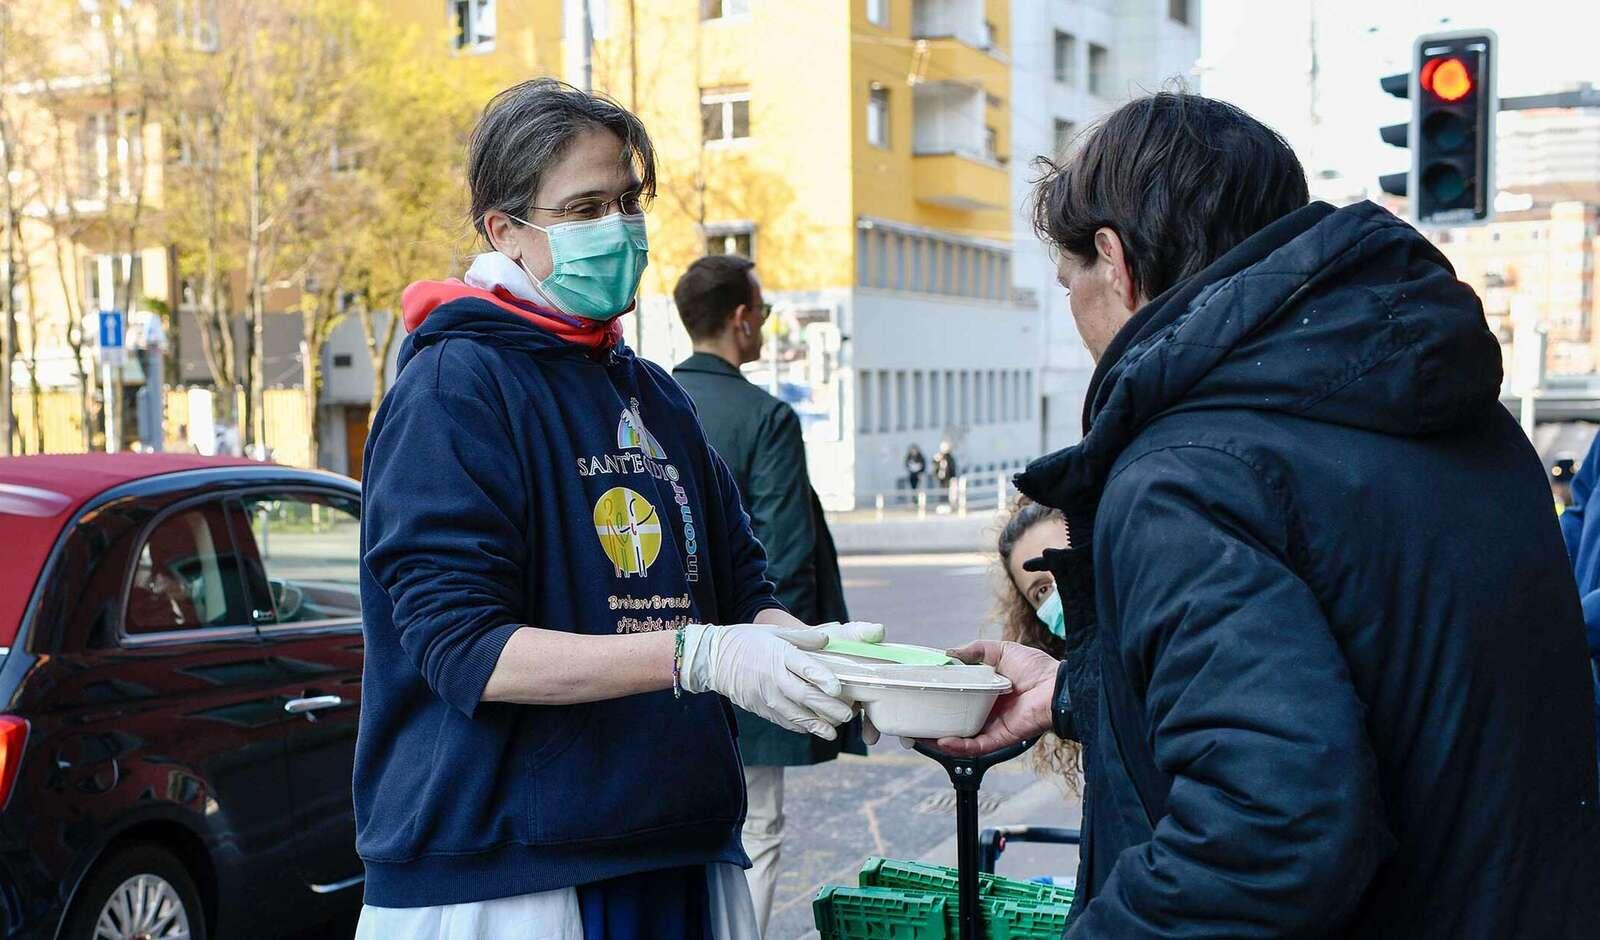 Lebensmittelpakete für Menschen auf der Gasse